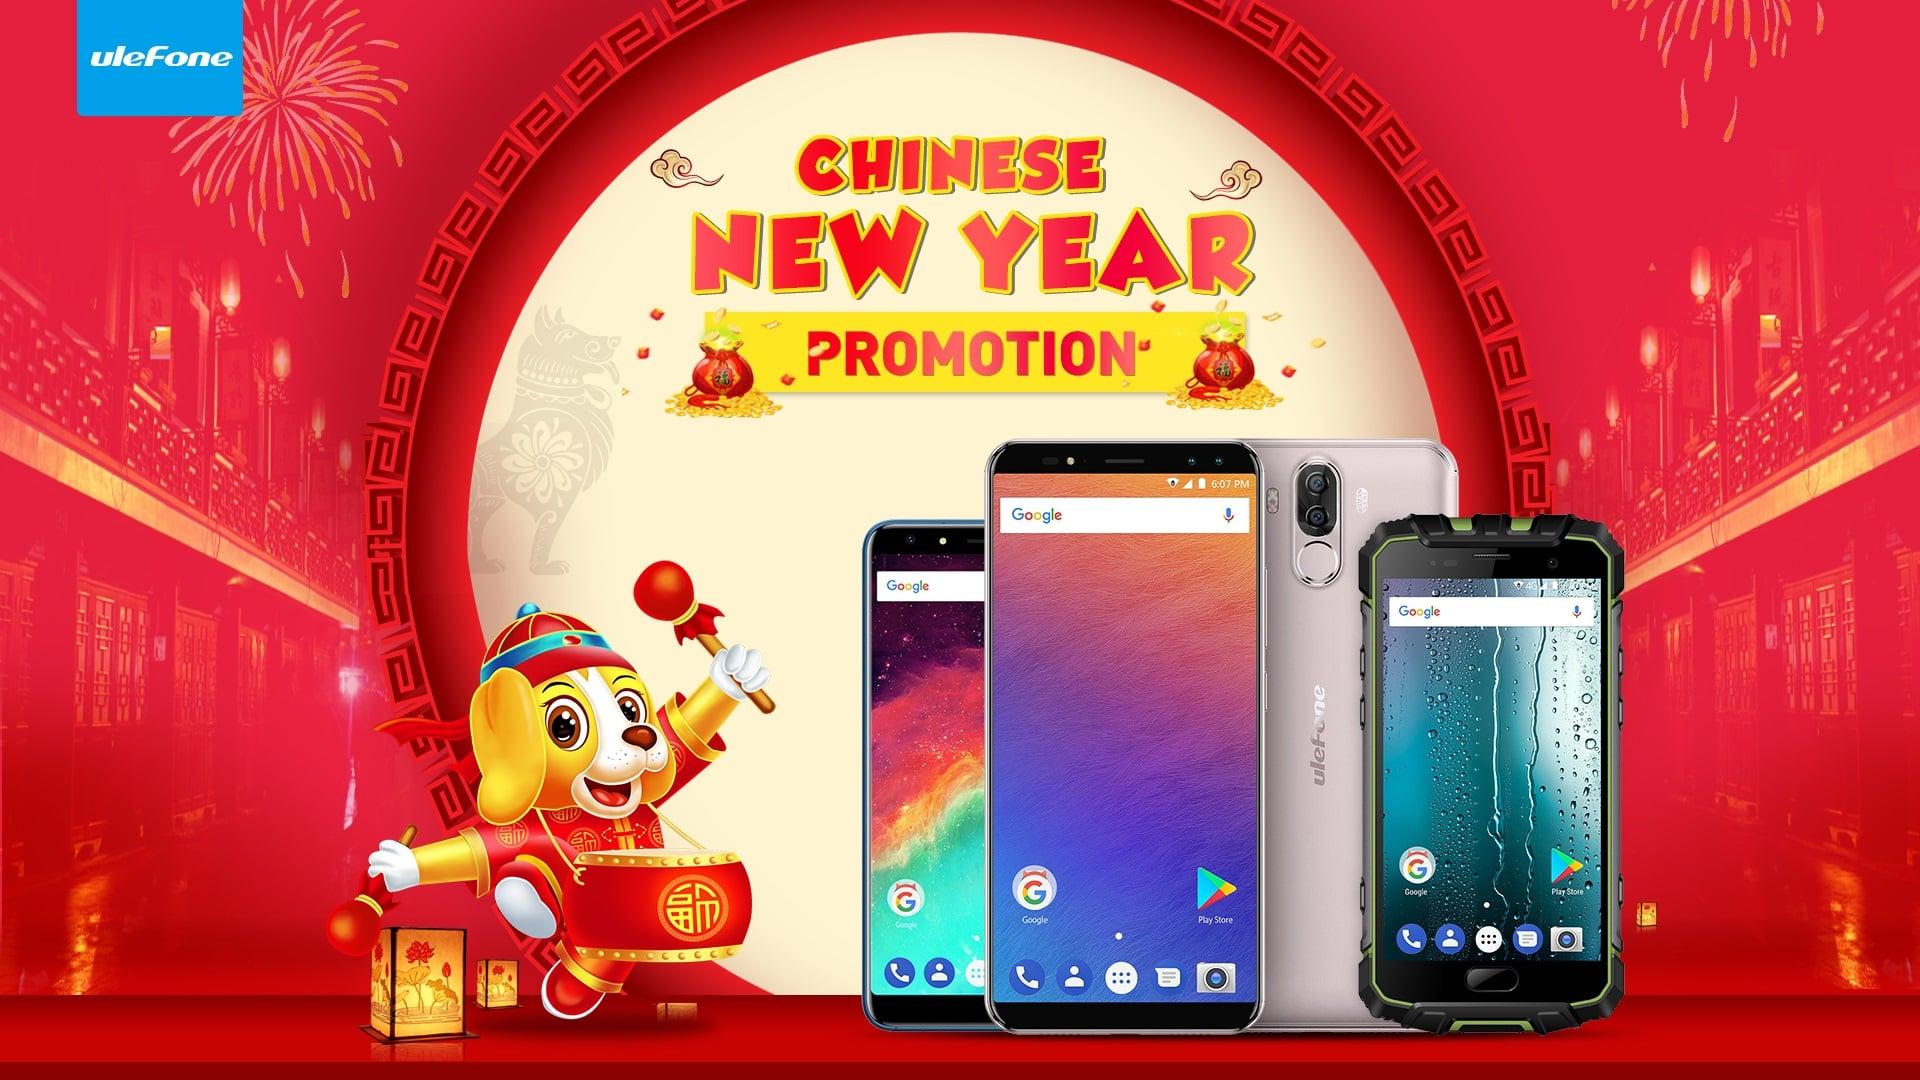 Zbliża się Chiński Nowy Rok i z tej okazji kupisz wiele smartfonów Ulefone w niskich cenach 19